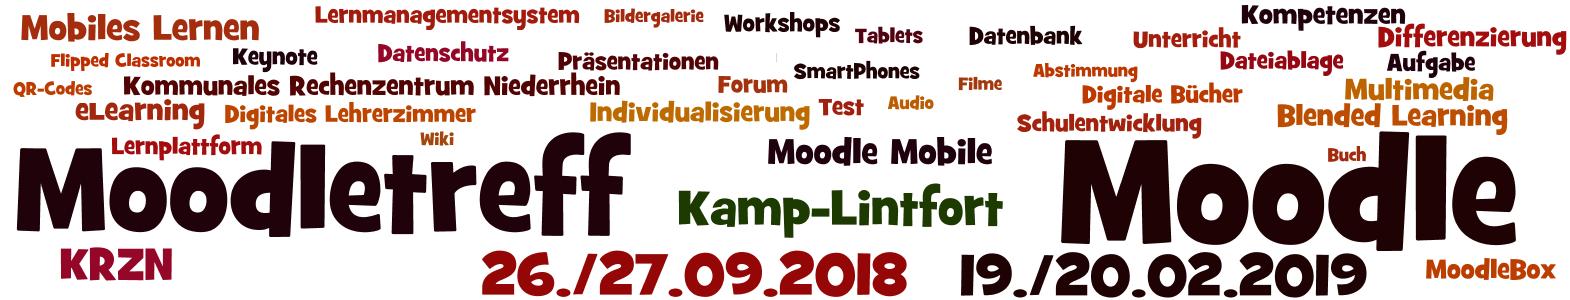 Moodletreff 2018/19